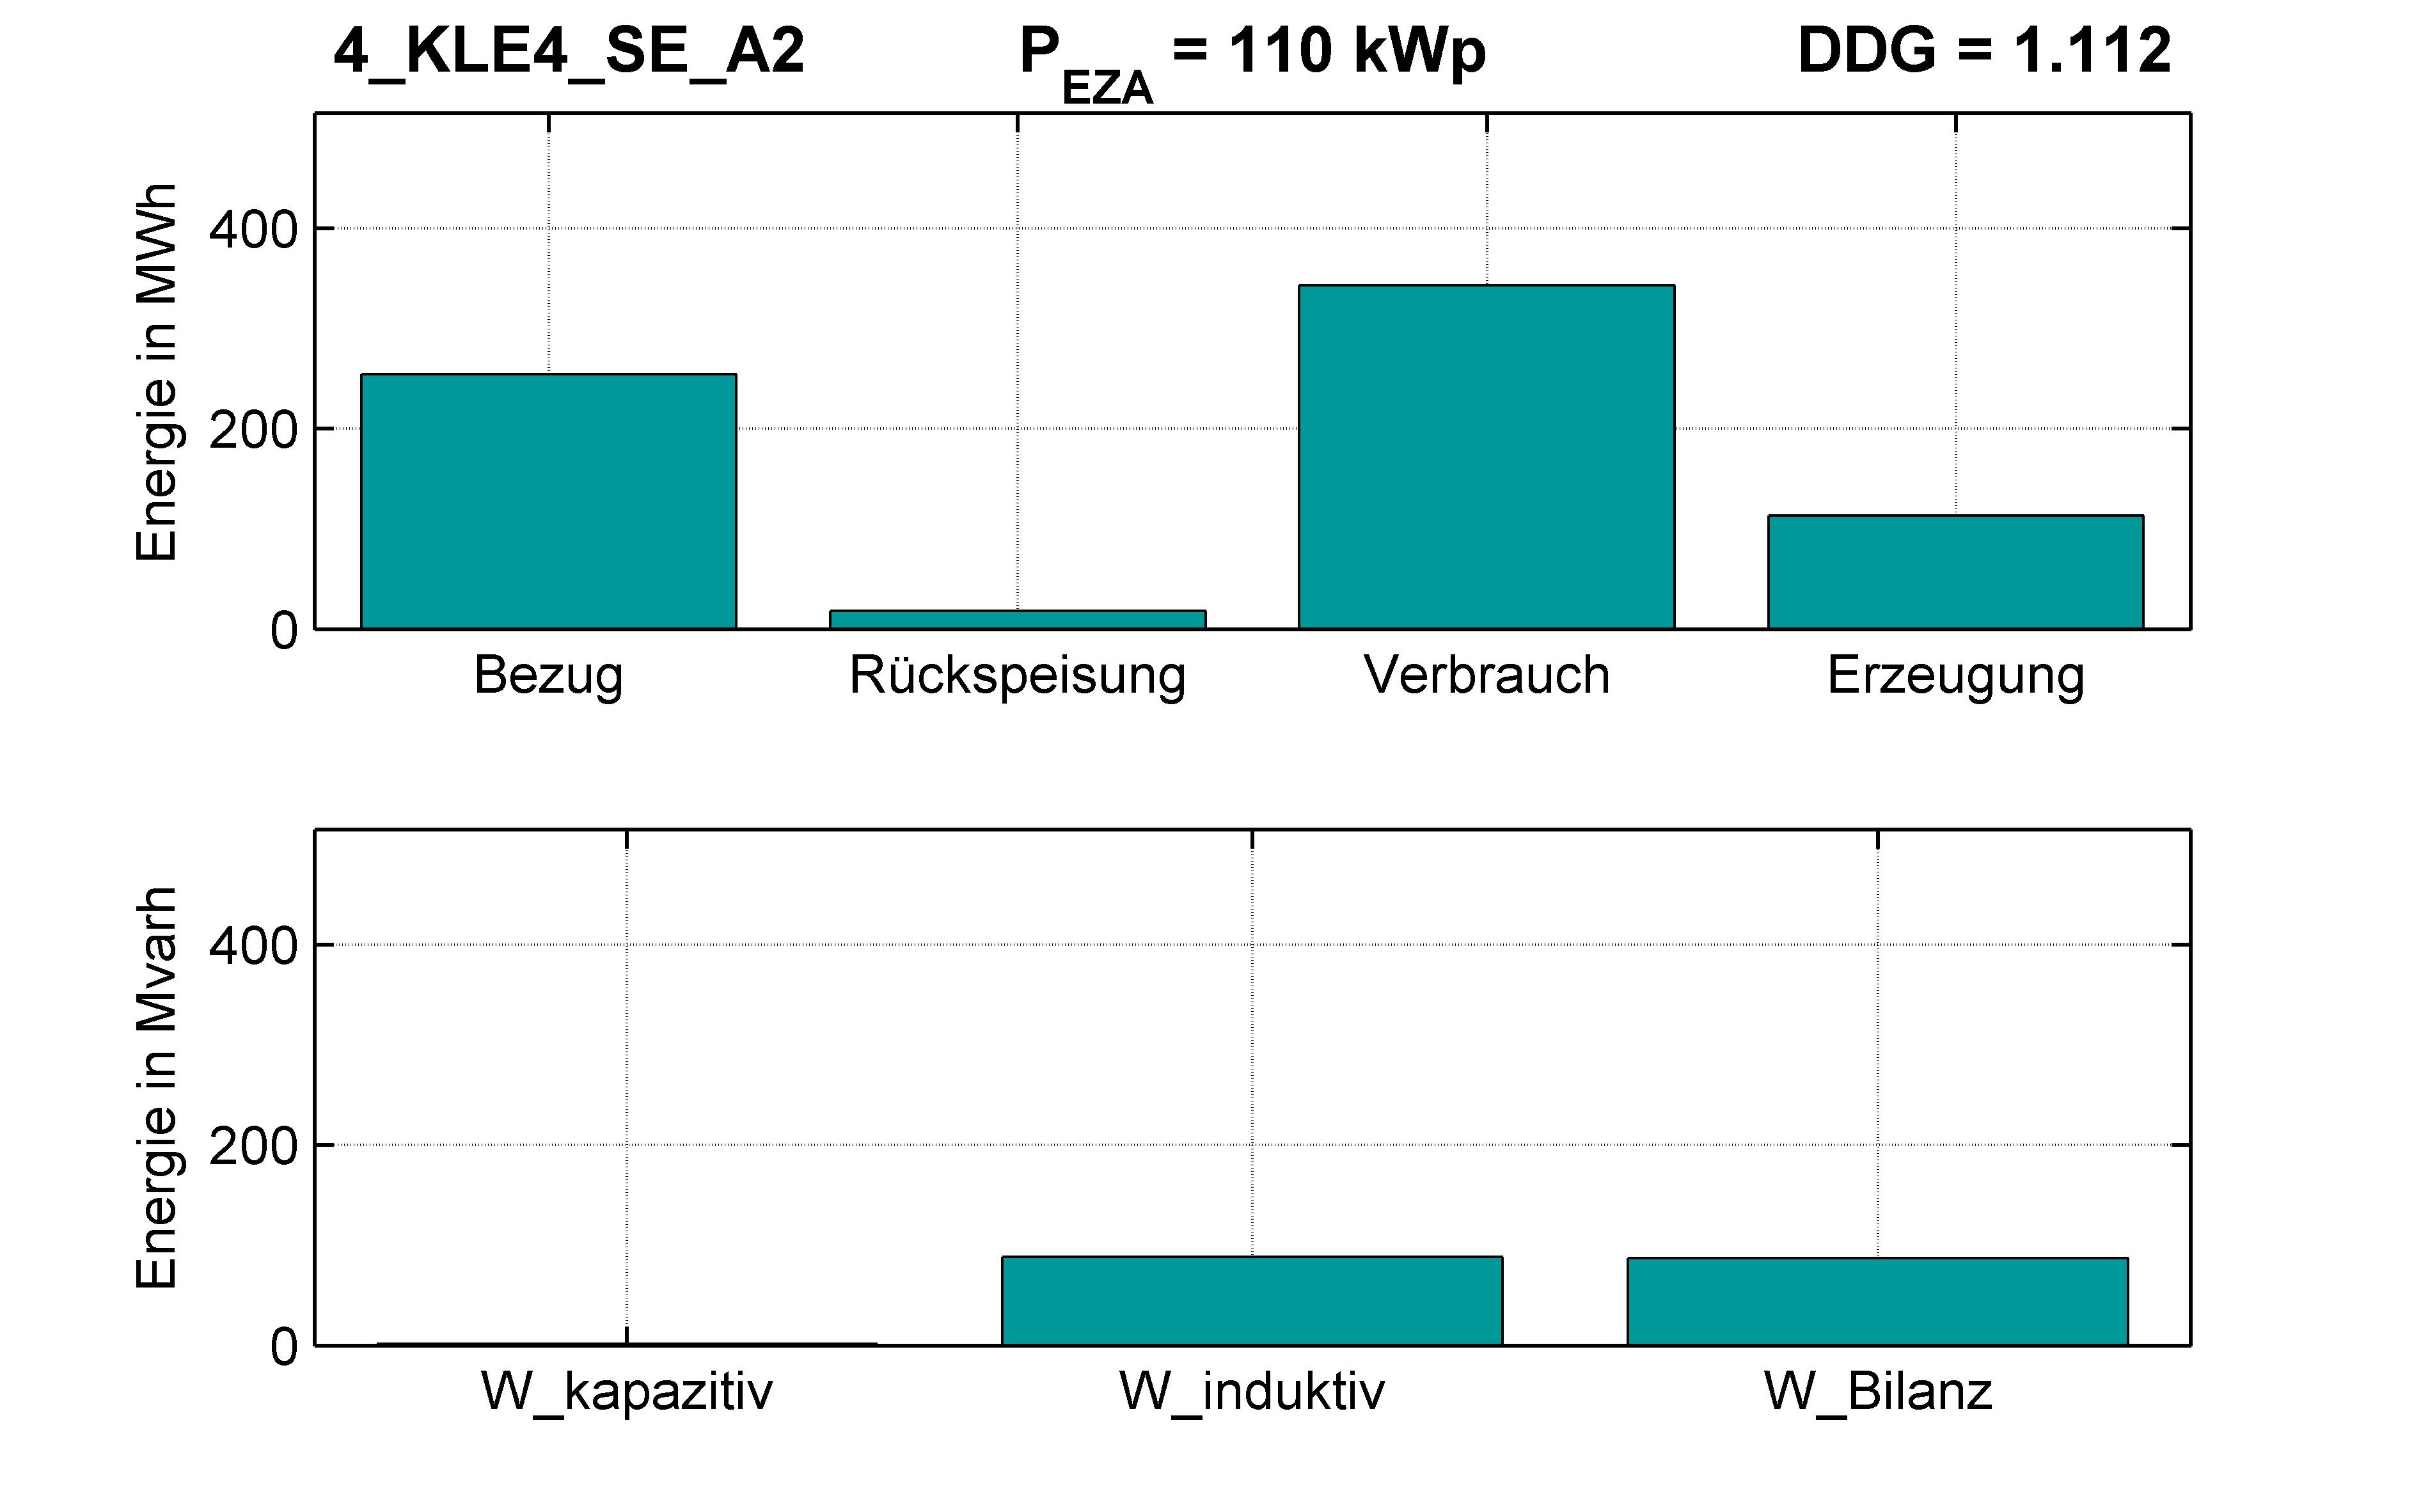 KLE4 | P-Kappung 55% (SE) A2 | PQ-Bilanz